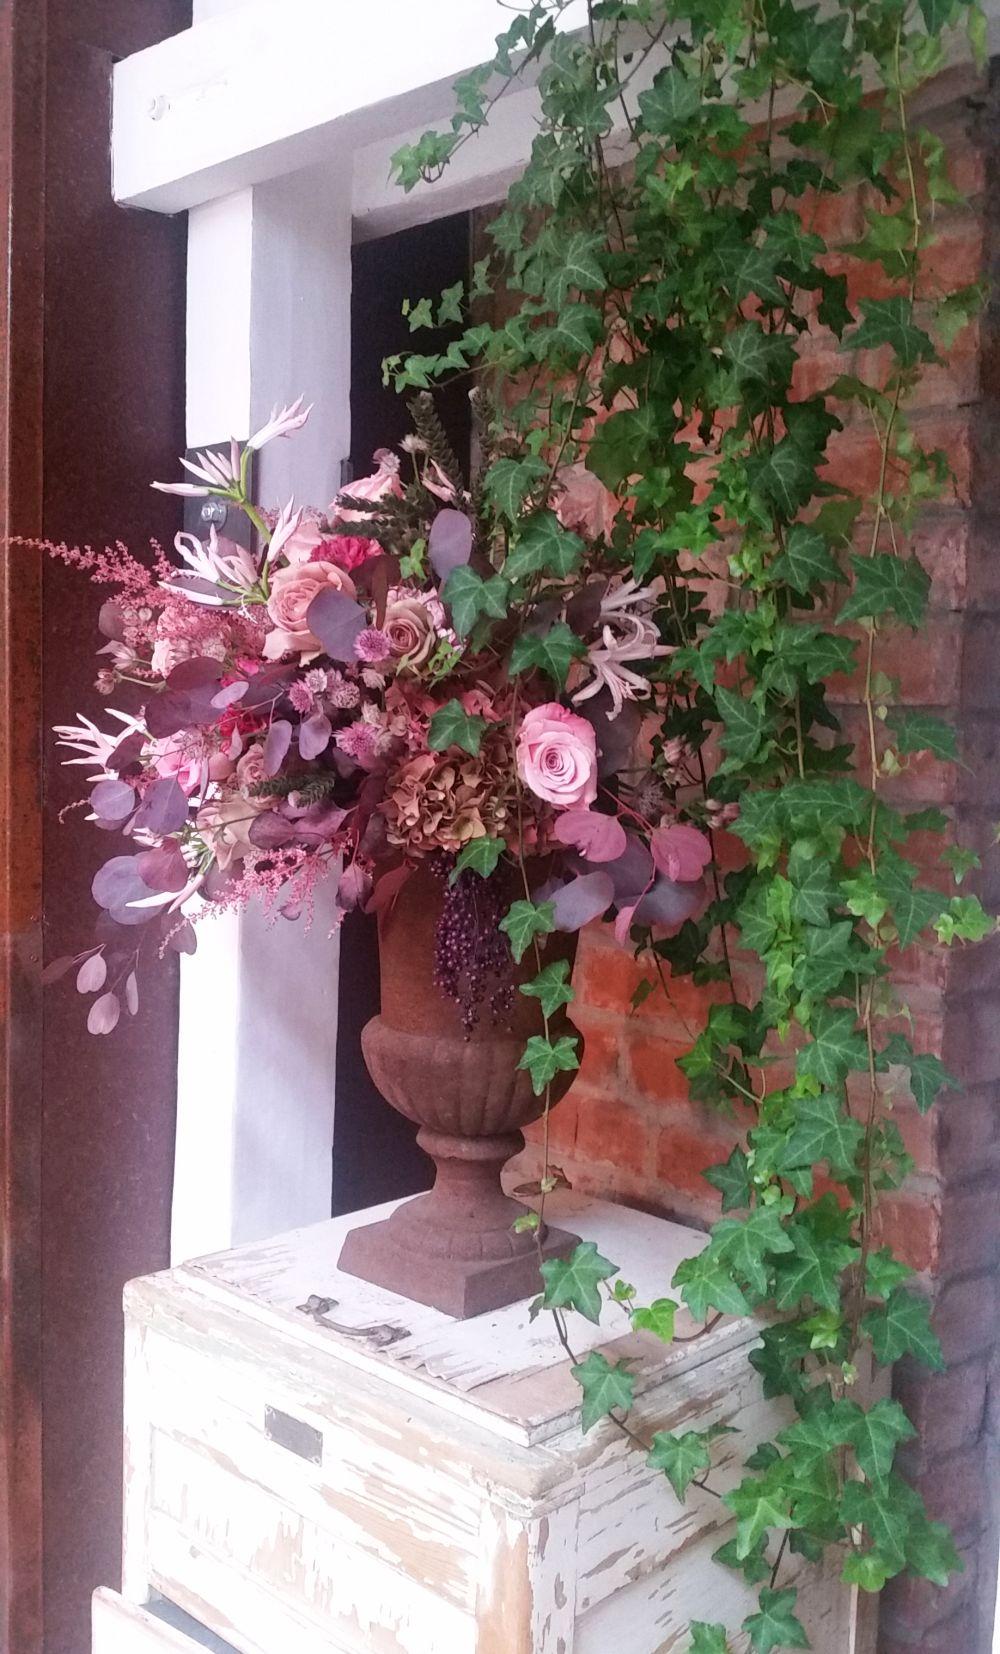 adelaparvu-com-despre-the-wedding-gallery-2016-floraria-iris-design-nicu-bocancea-37